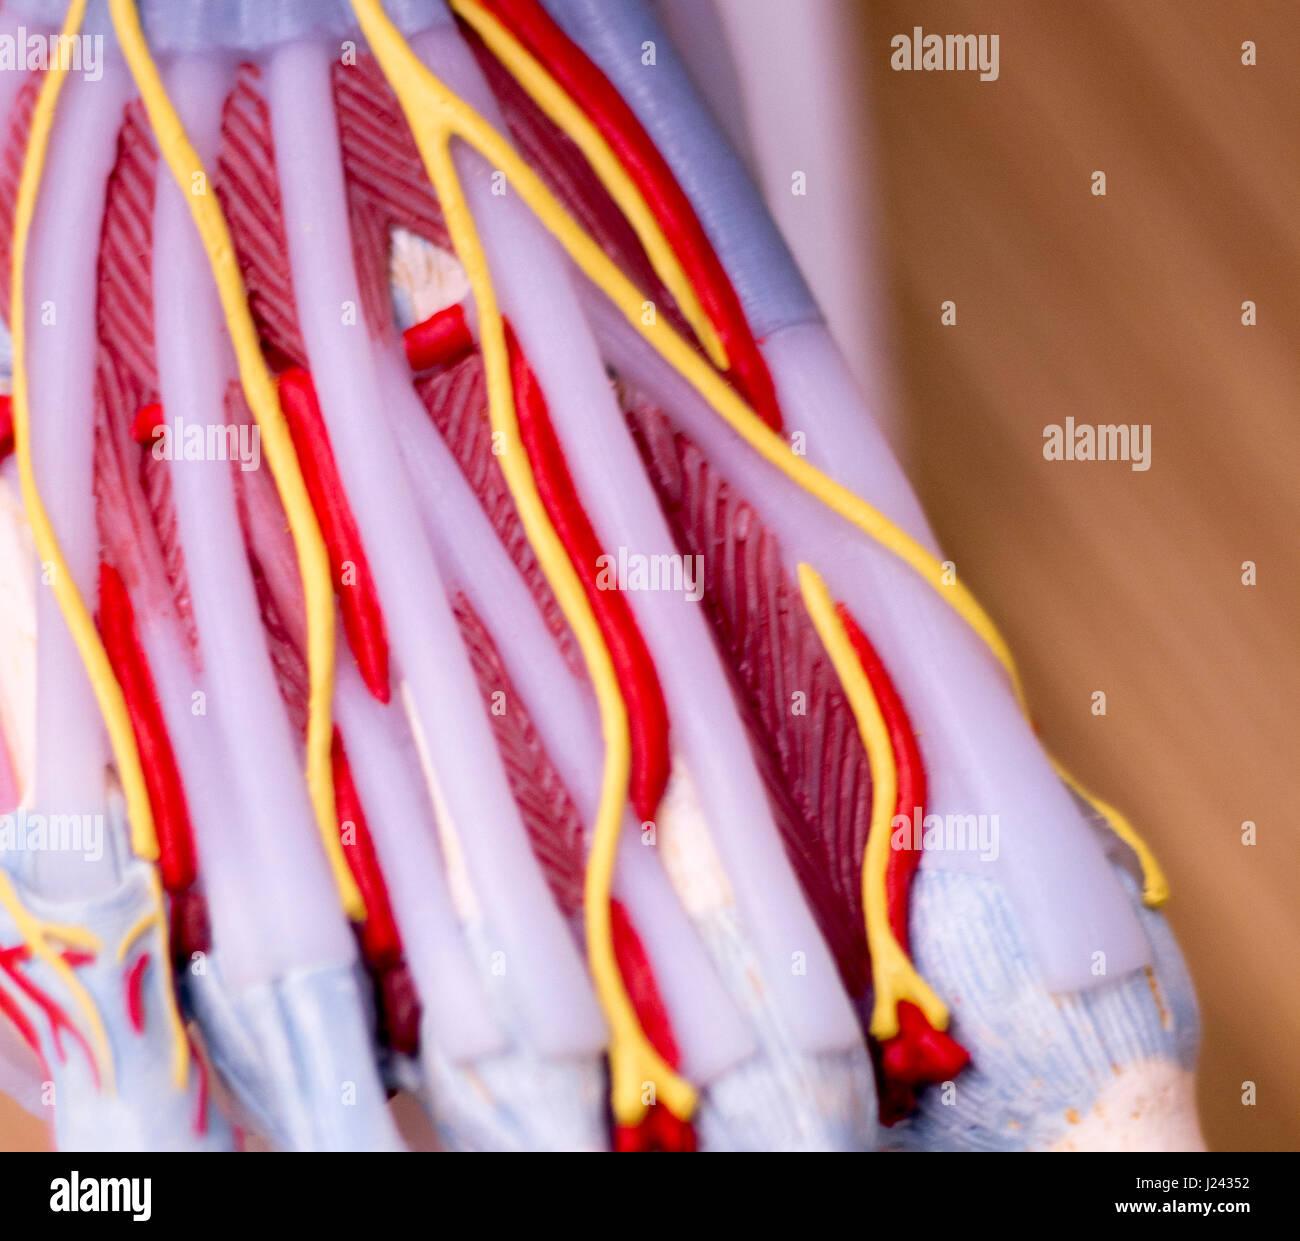 Fuß-medizinische Studie Student Anatomie Modell zeigt Knochen, Zehen ...